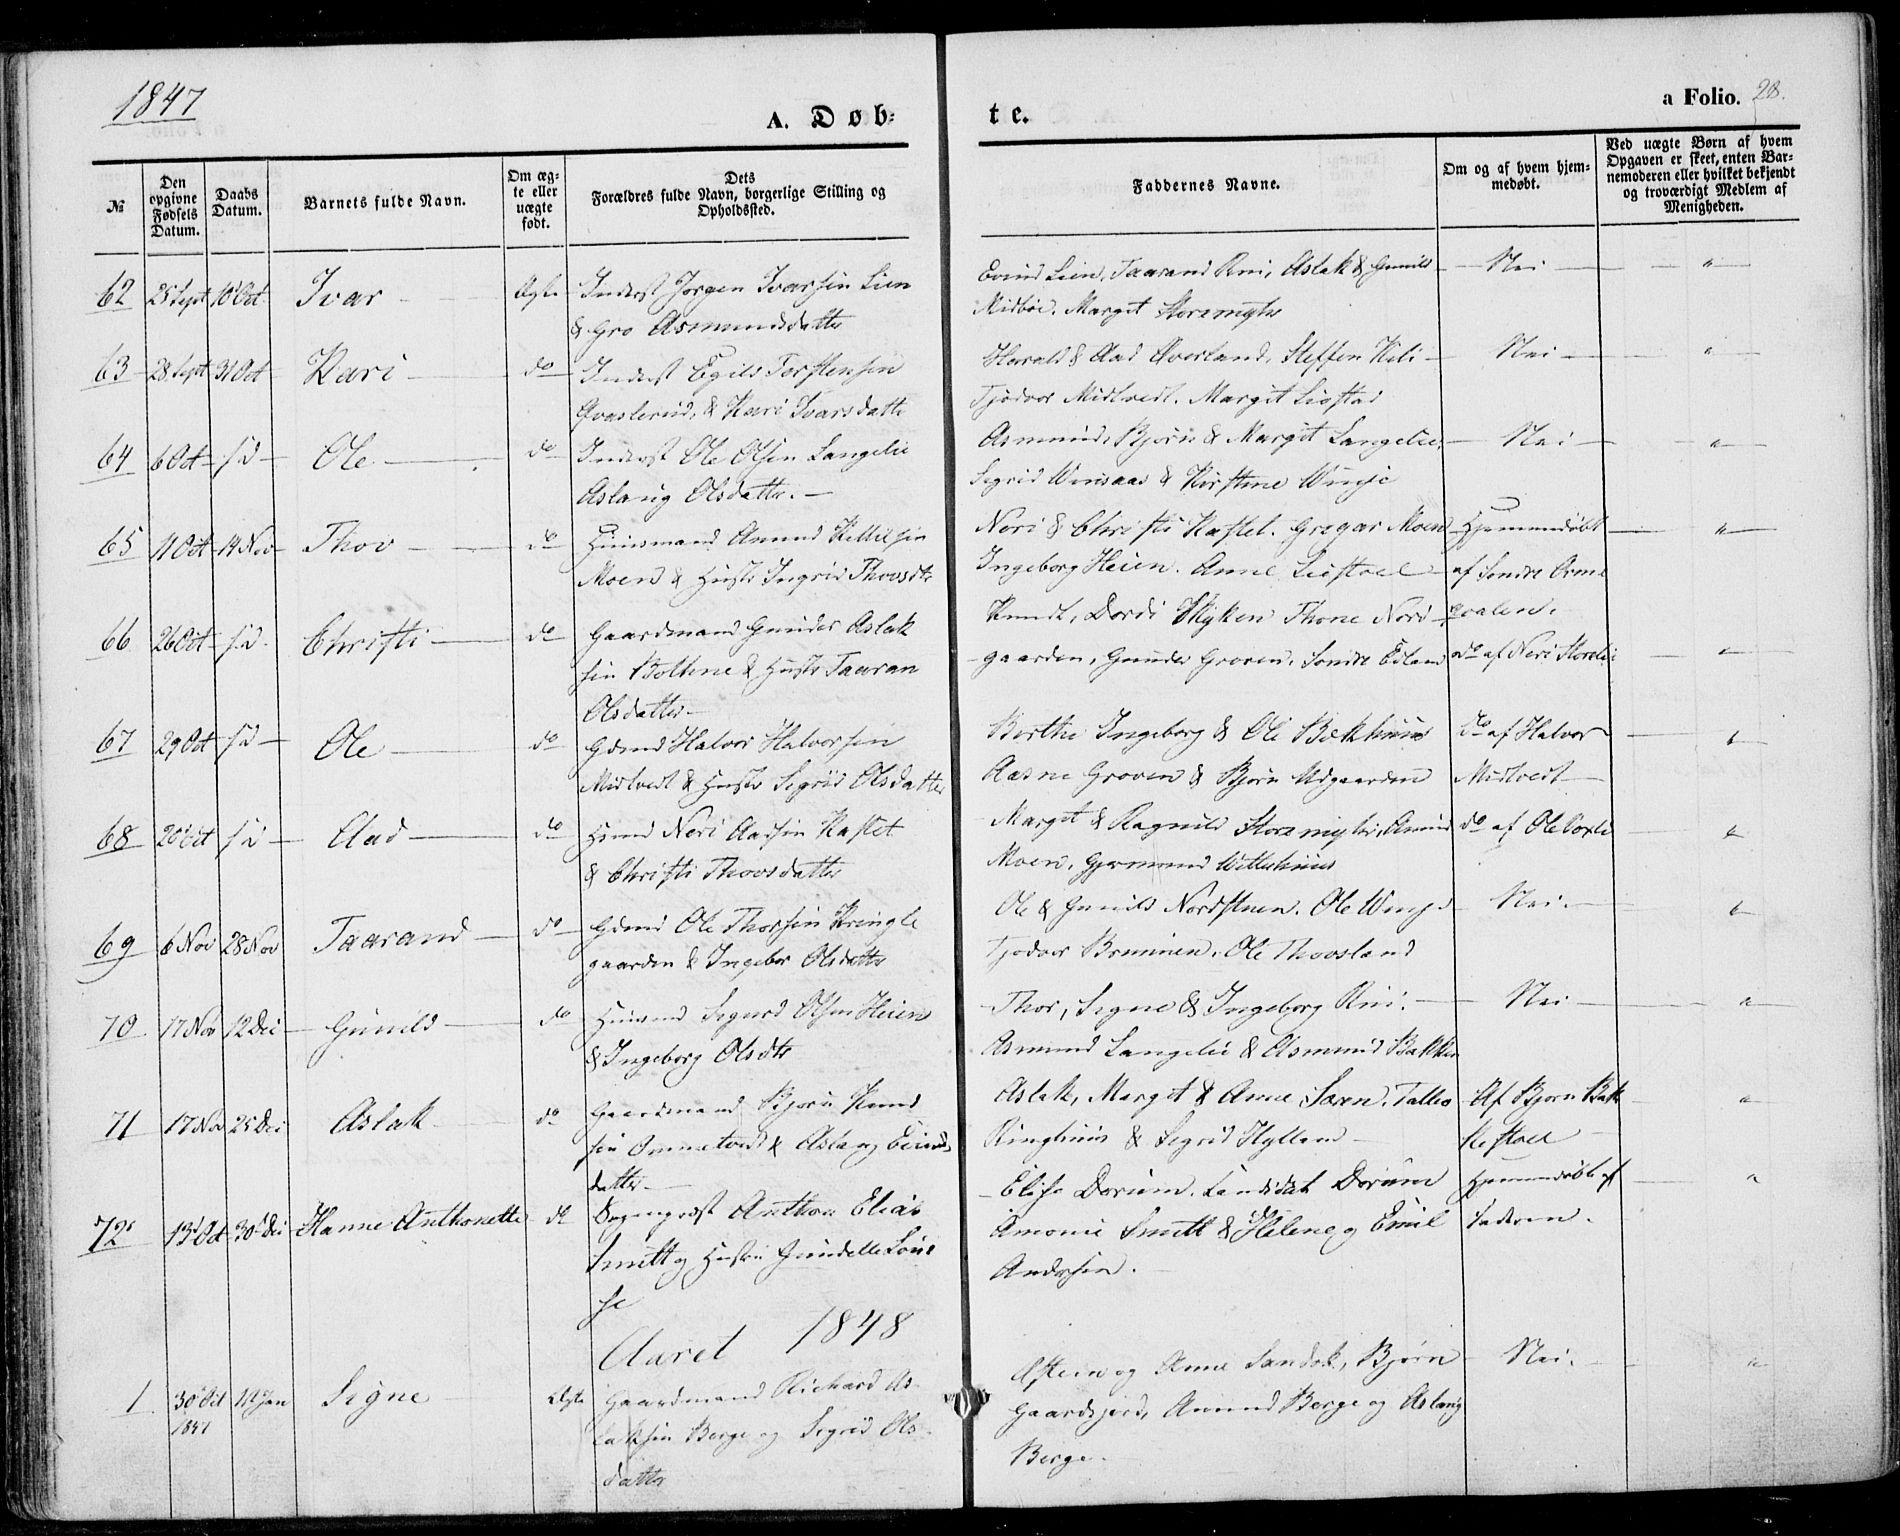 SAKO, Vinje kirkebøker, F/Fa/L0004: Ministerialbok nr. I 4, 1843-1869, s. 28